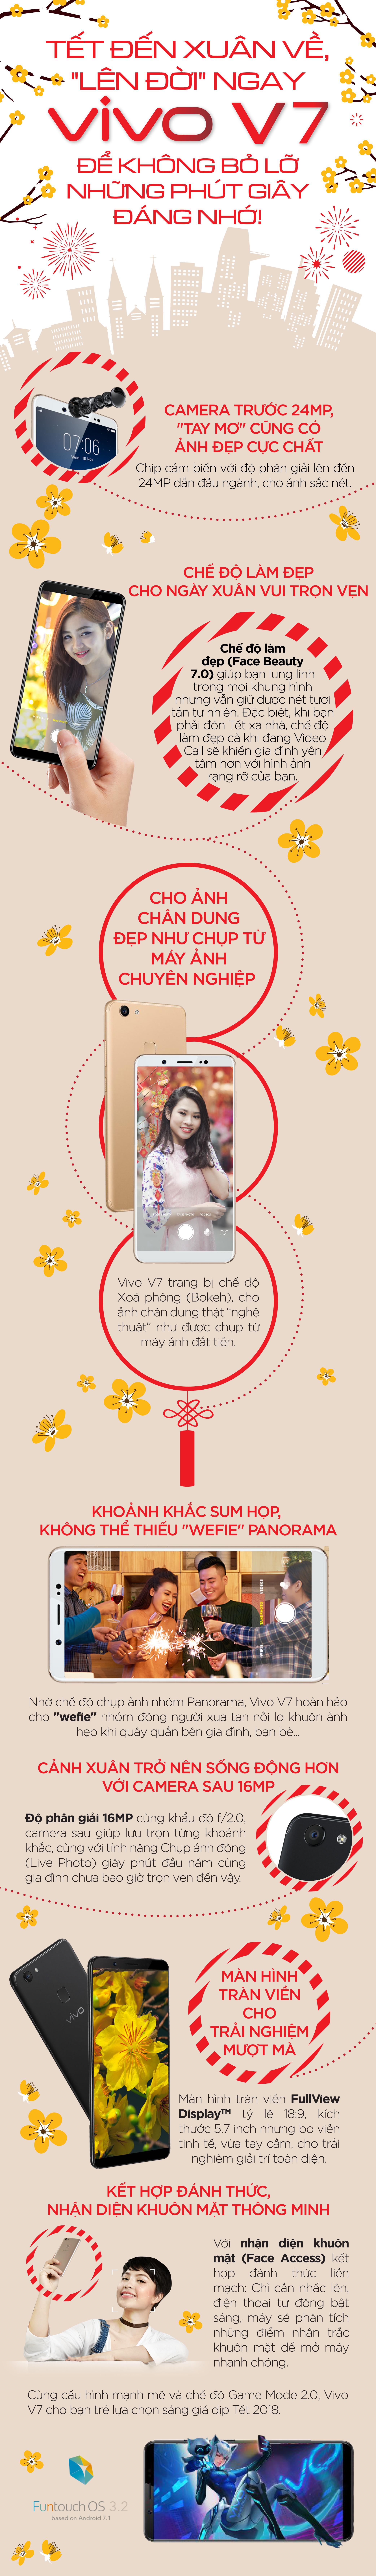 Lưu giữ khoảnh khắc ngày Tết với smartphone Vivo